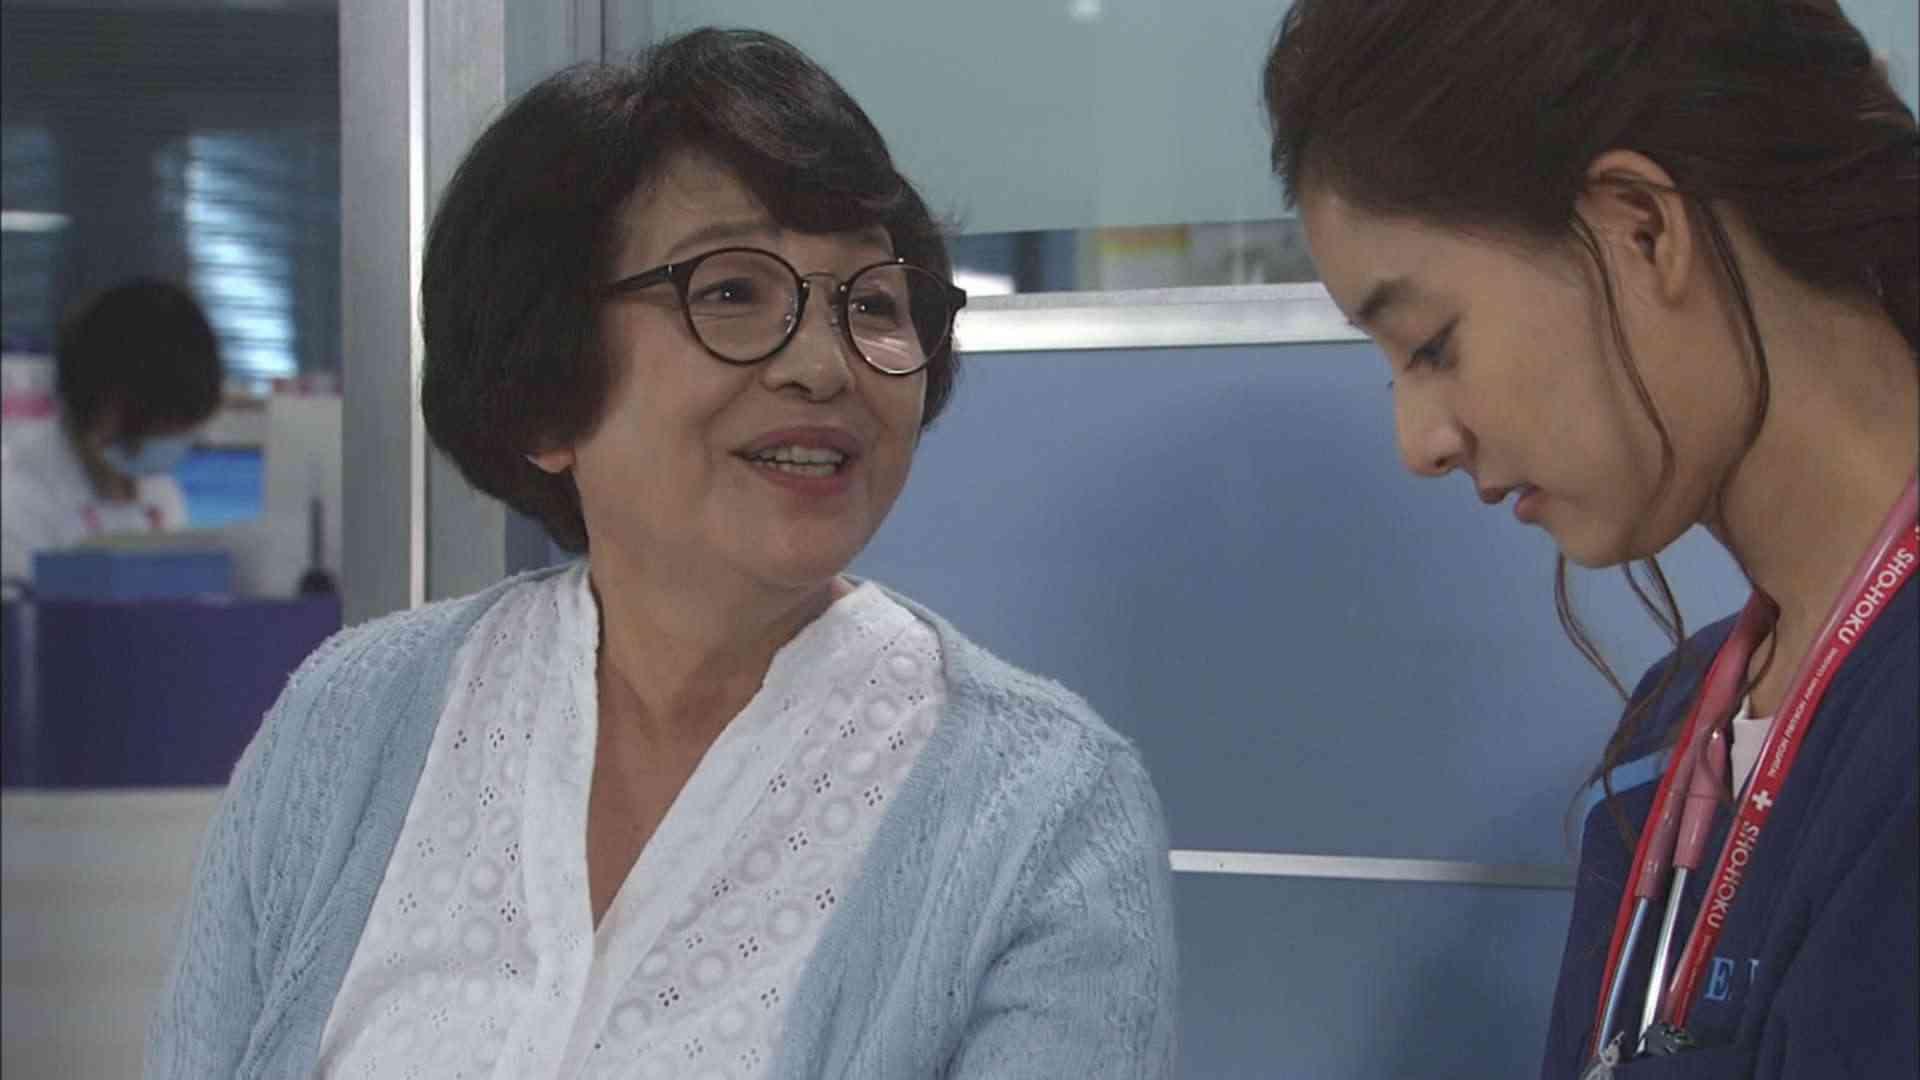 山下智久主演「コード・ブルー」第2話15・6% 月9で3年ぶりの2週連続15%超え